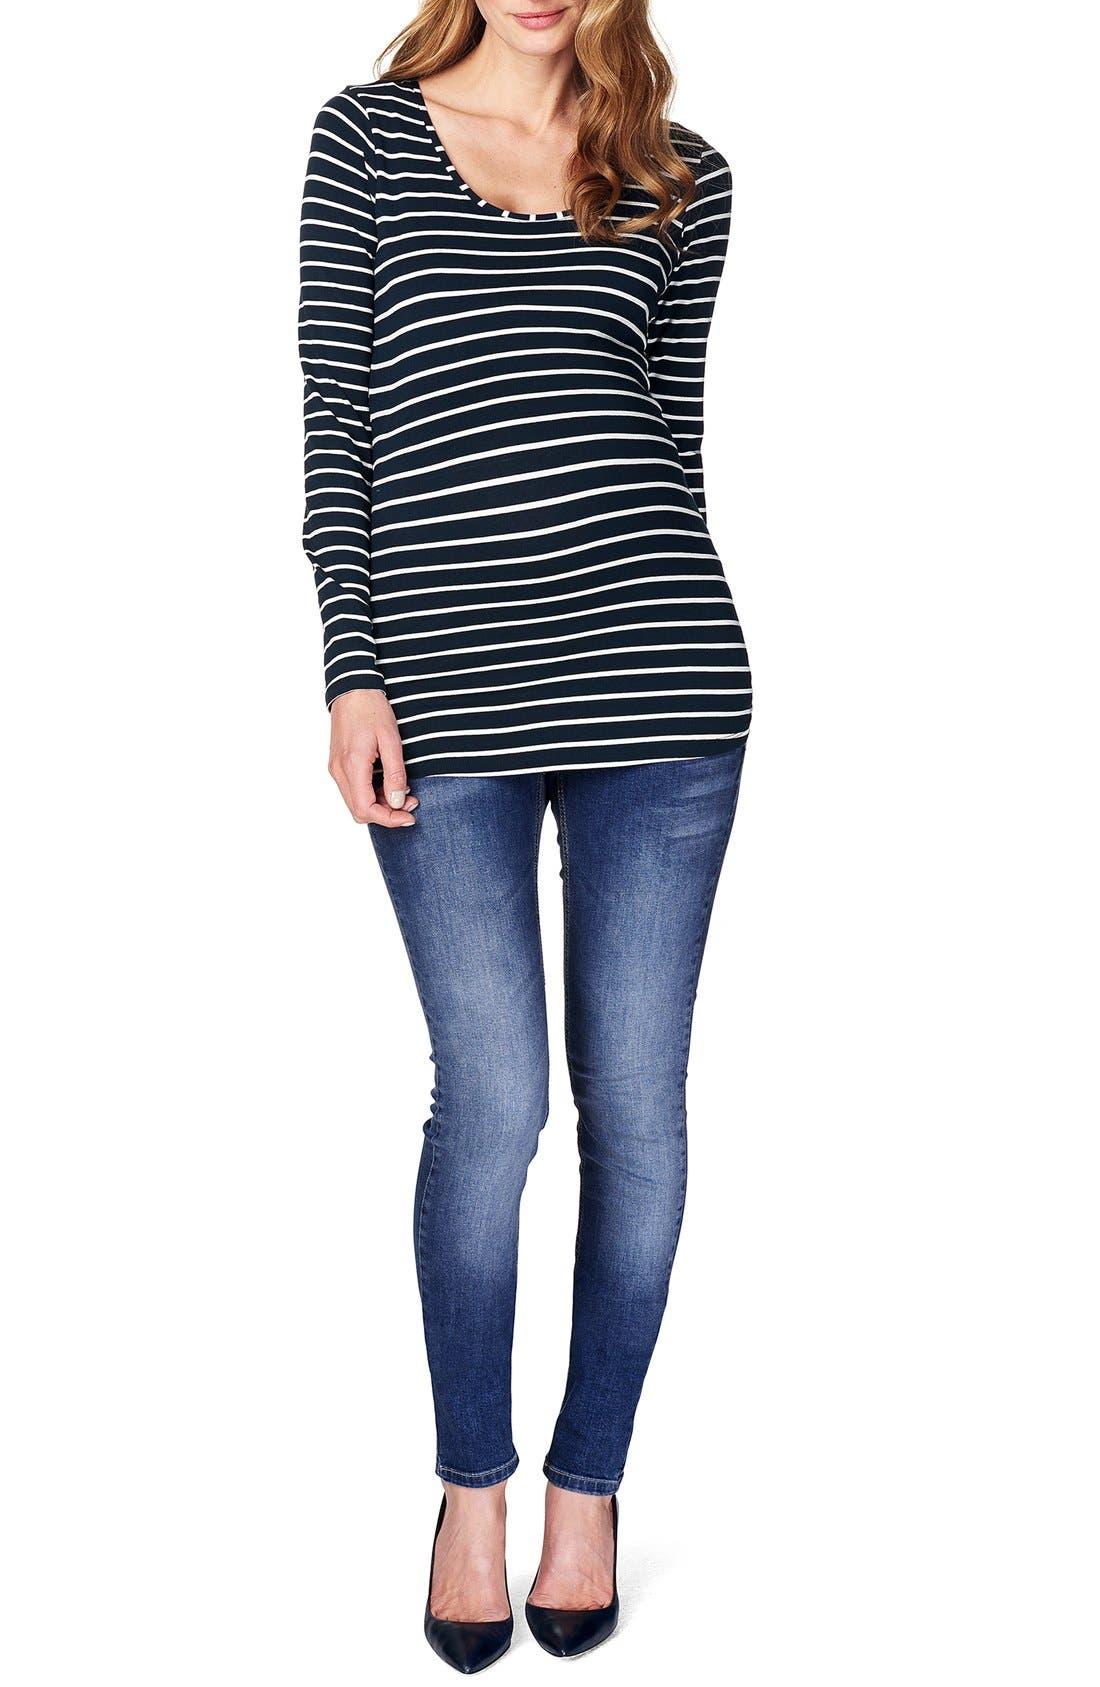 NOPPIES 'Lely' Stripe Scoop Neck Long Sleeve Tee, Main, color, DARK BLUE